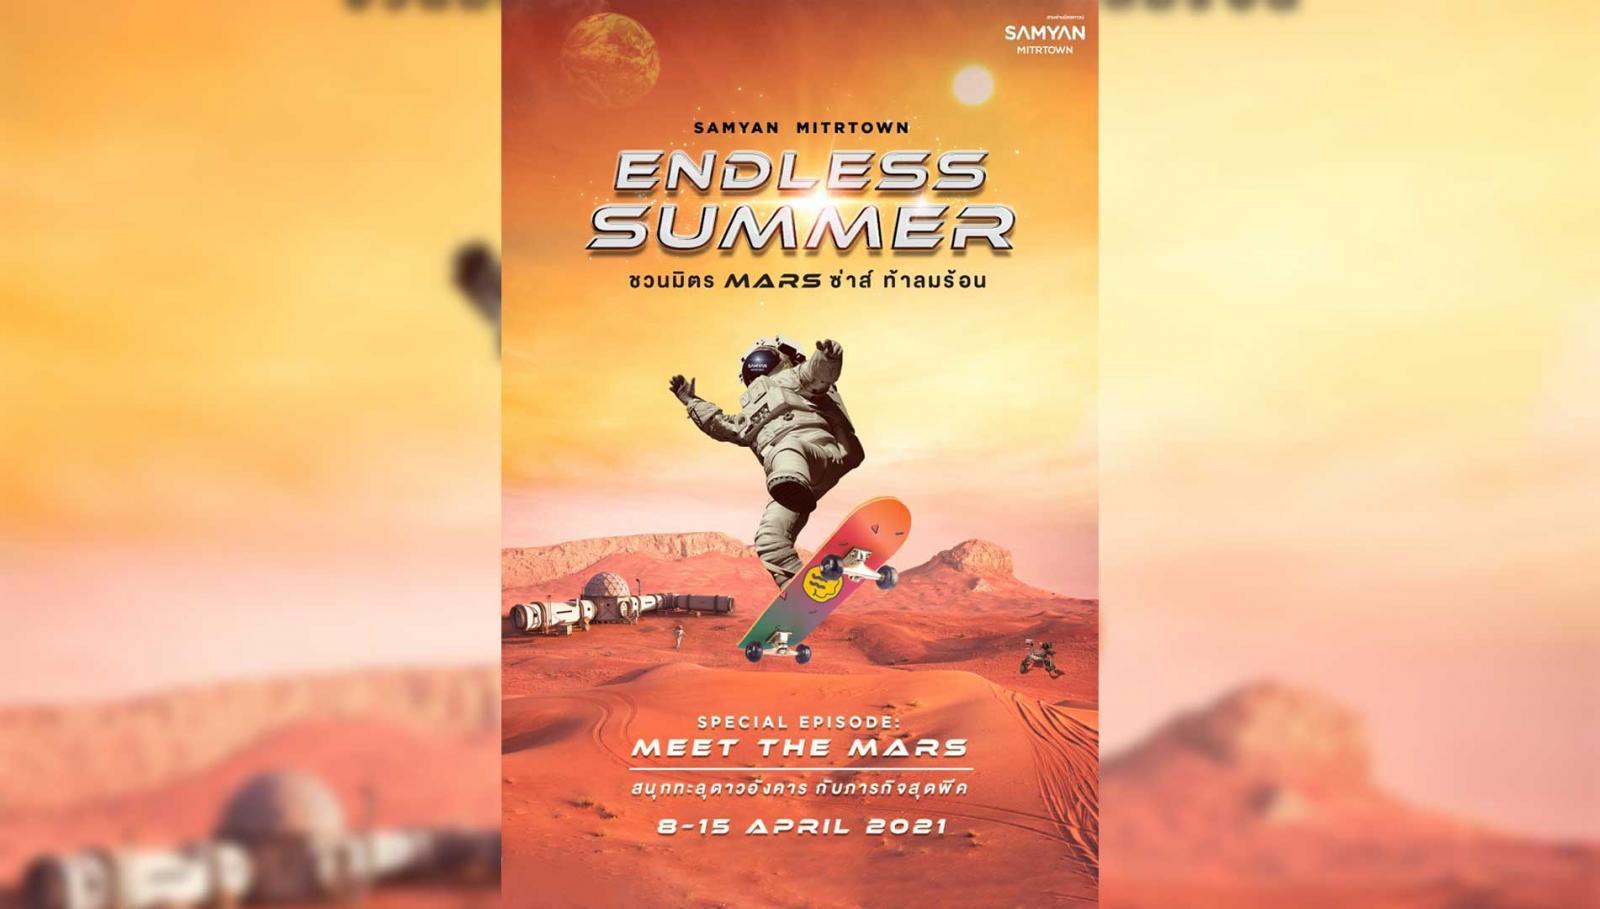 """สามย่านมิตรทาวน์ ชวนหนีร้อนรับสงกรานต์กับแคมเปญ """"Endless Summer ชวนมิตร MARS ซ่าส์ ท้าลมร้อน"""""""